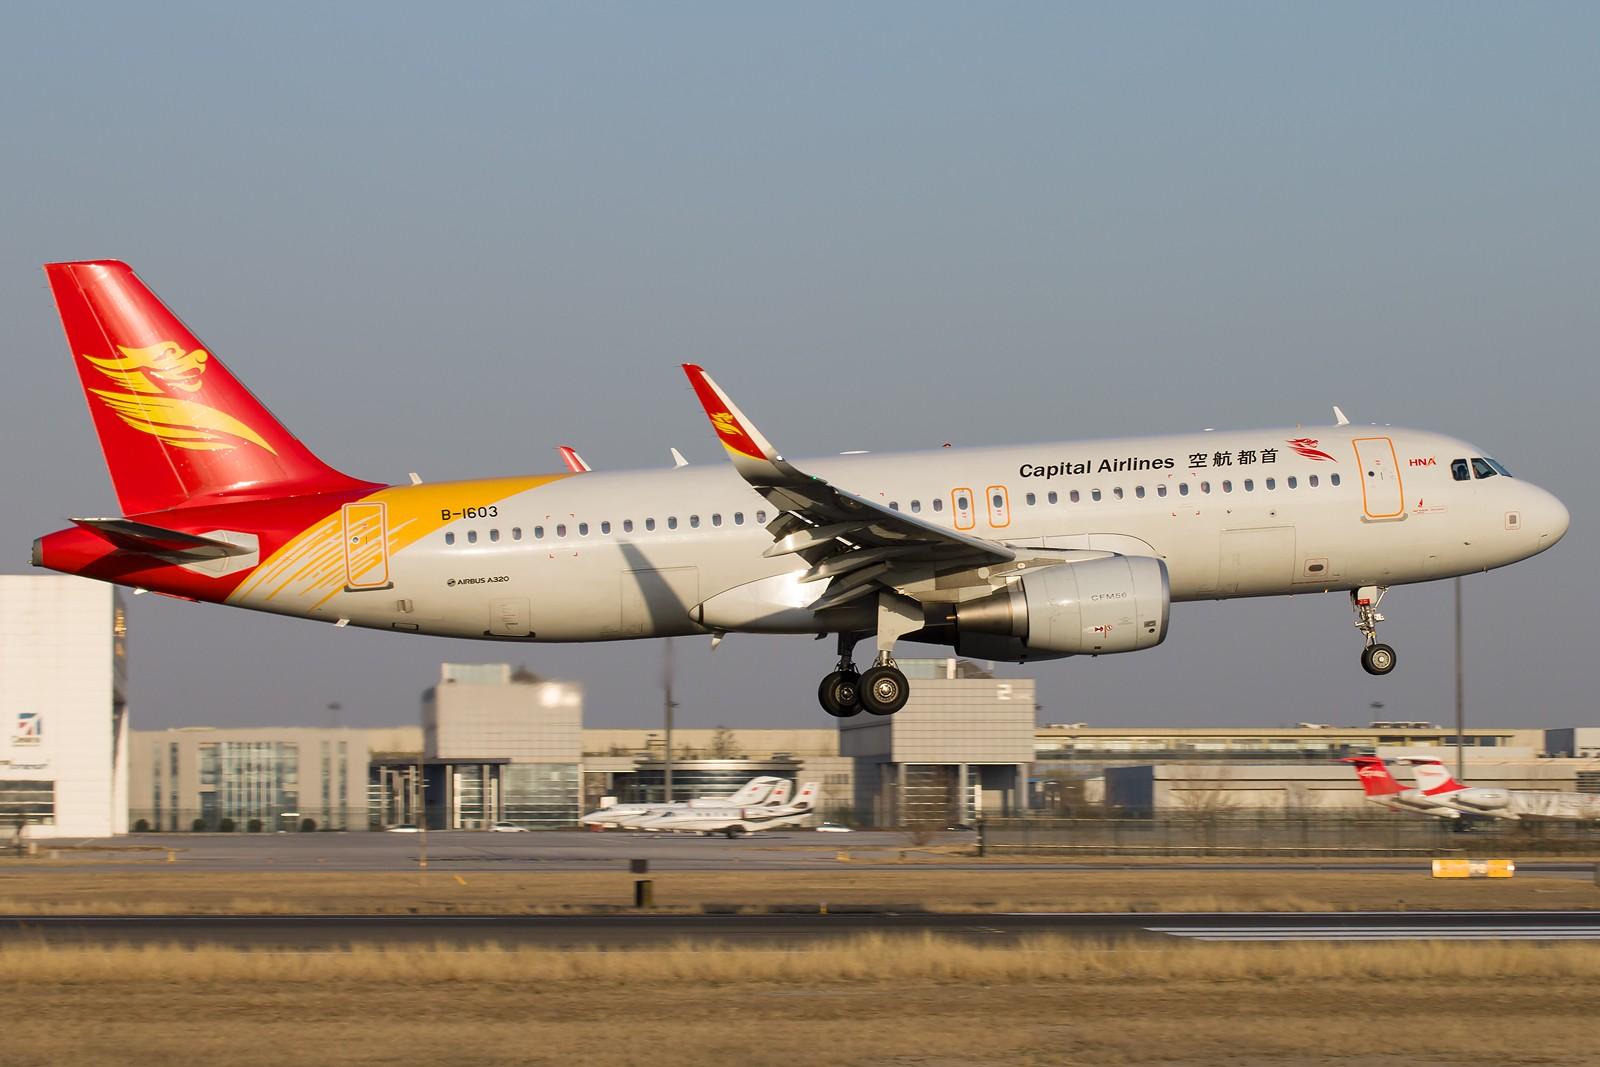 Re:[原创]常规货一组[10pics] AIRBUS A320-200 B-1603 中国北京首都国际机场